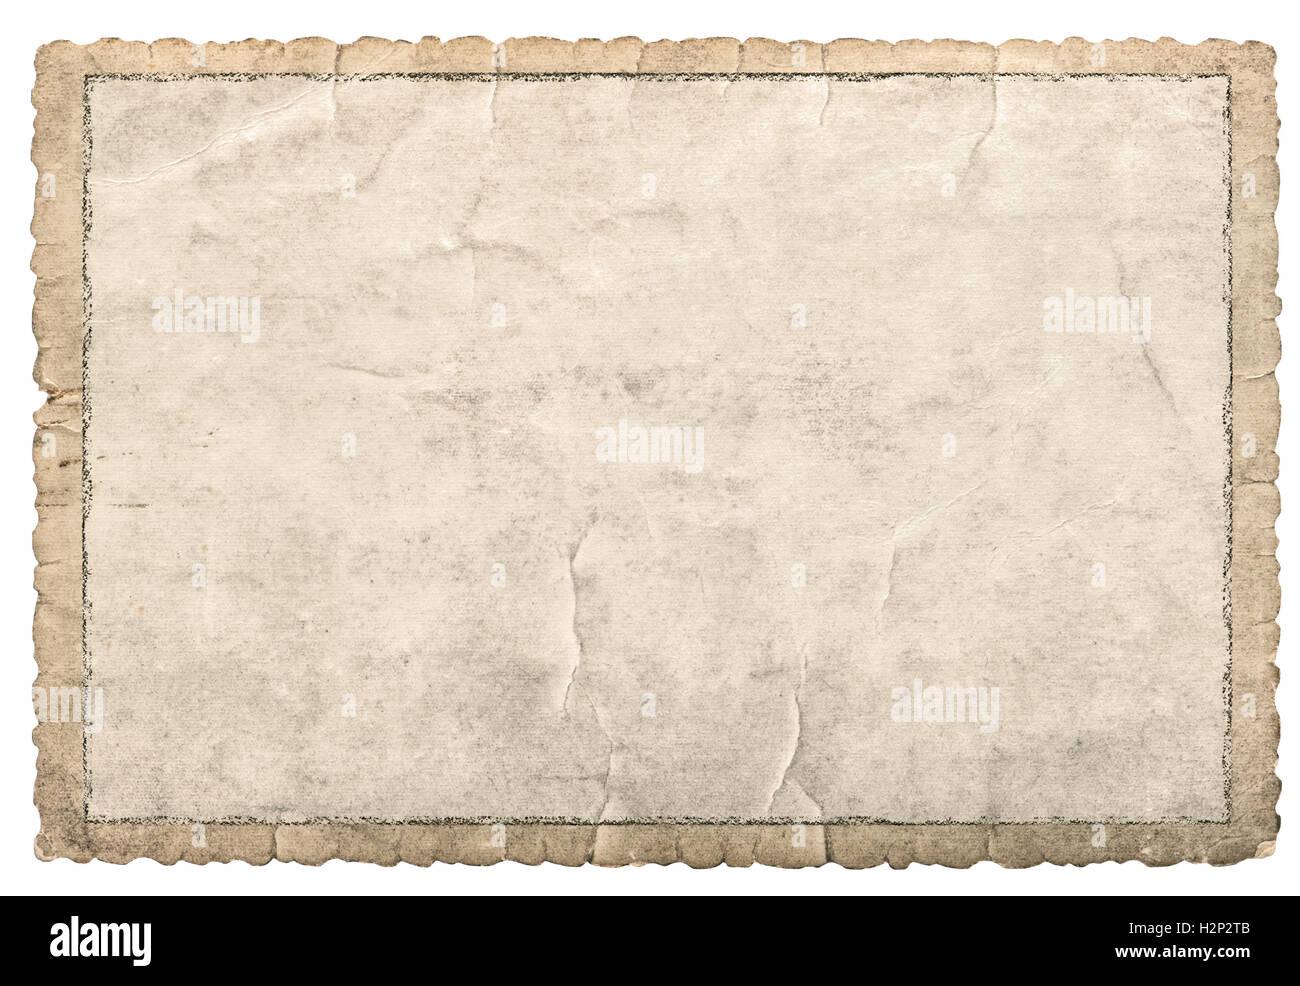 Papel antiguo marco para fotos e imágenes. Se usa cartón textura con ...